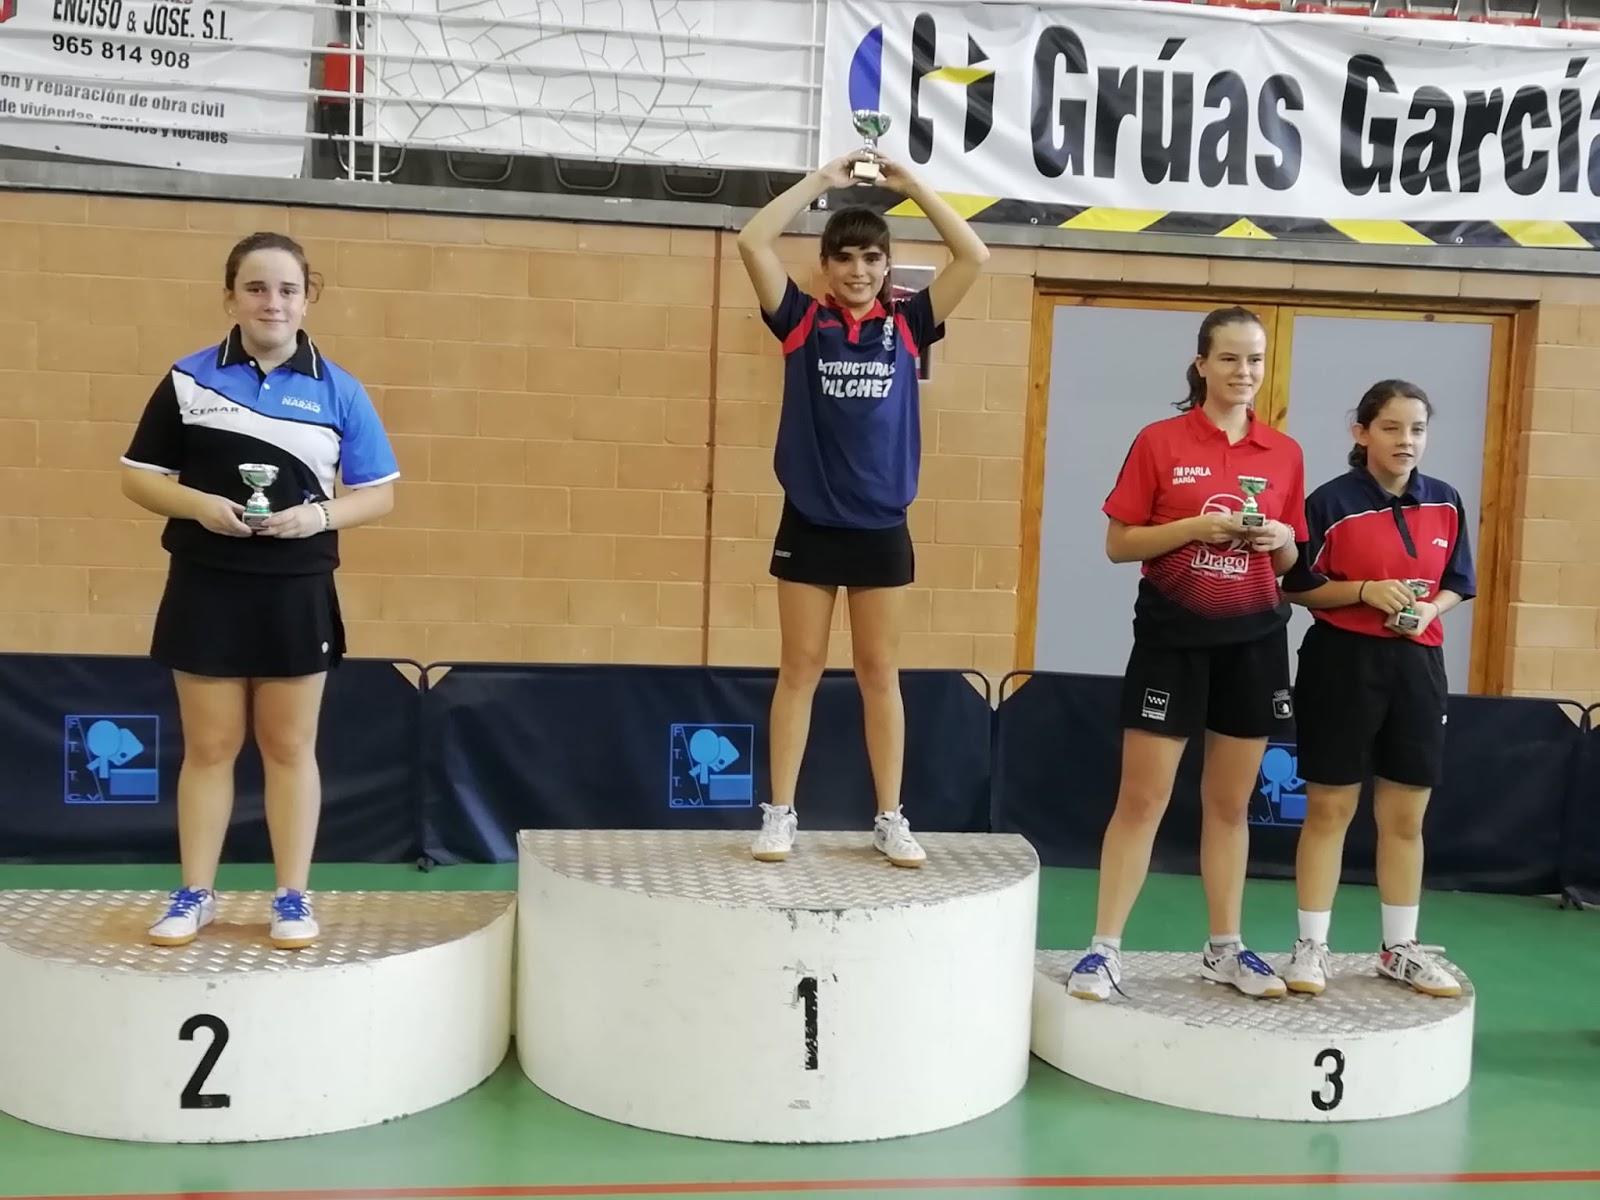 Ángela Rodríguez García se impone en el Torneo Zonal disputado en Villena (Alicante) en categoría Infantil femenina